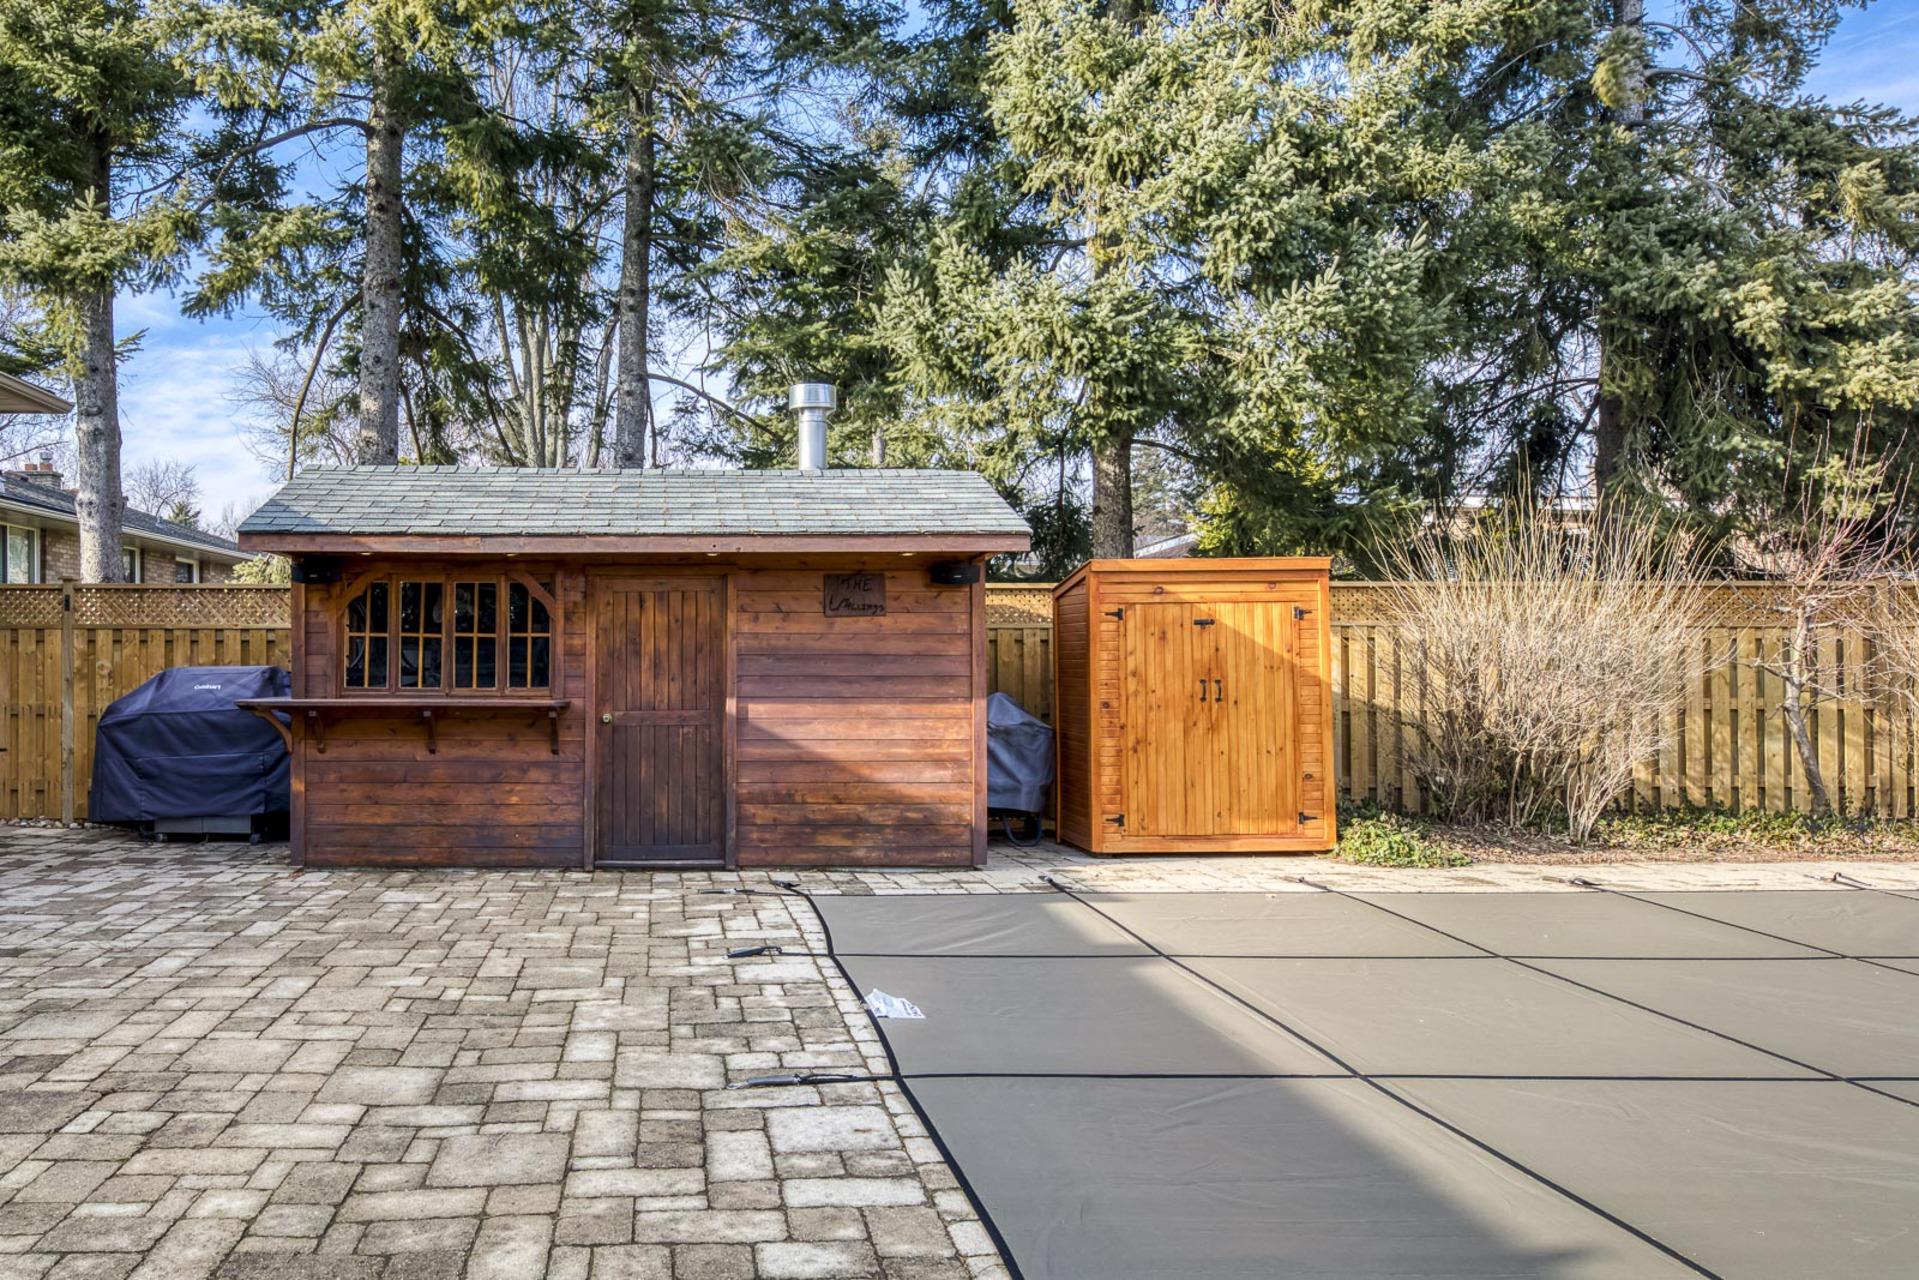 Backyard - 1195 Half Moon Lane, Oakville at 1195 Half Moon Lane, Iroquois Ridge South, Oakville